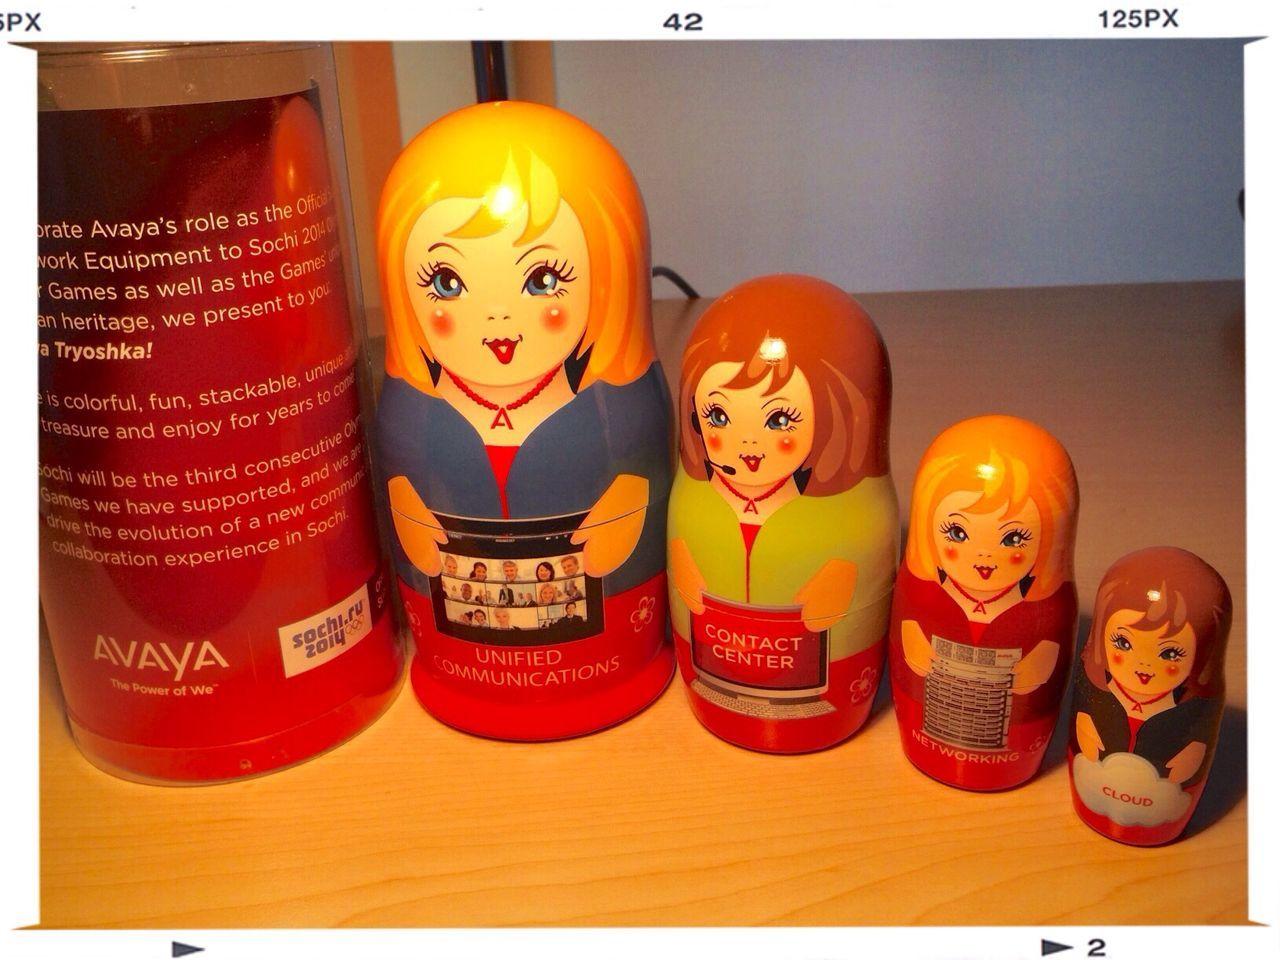 Avaya Sochi 2014 Сочи (Sochi) Matryoshka Doll